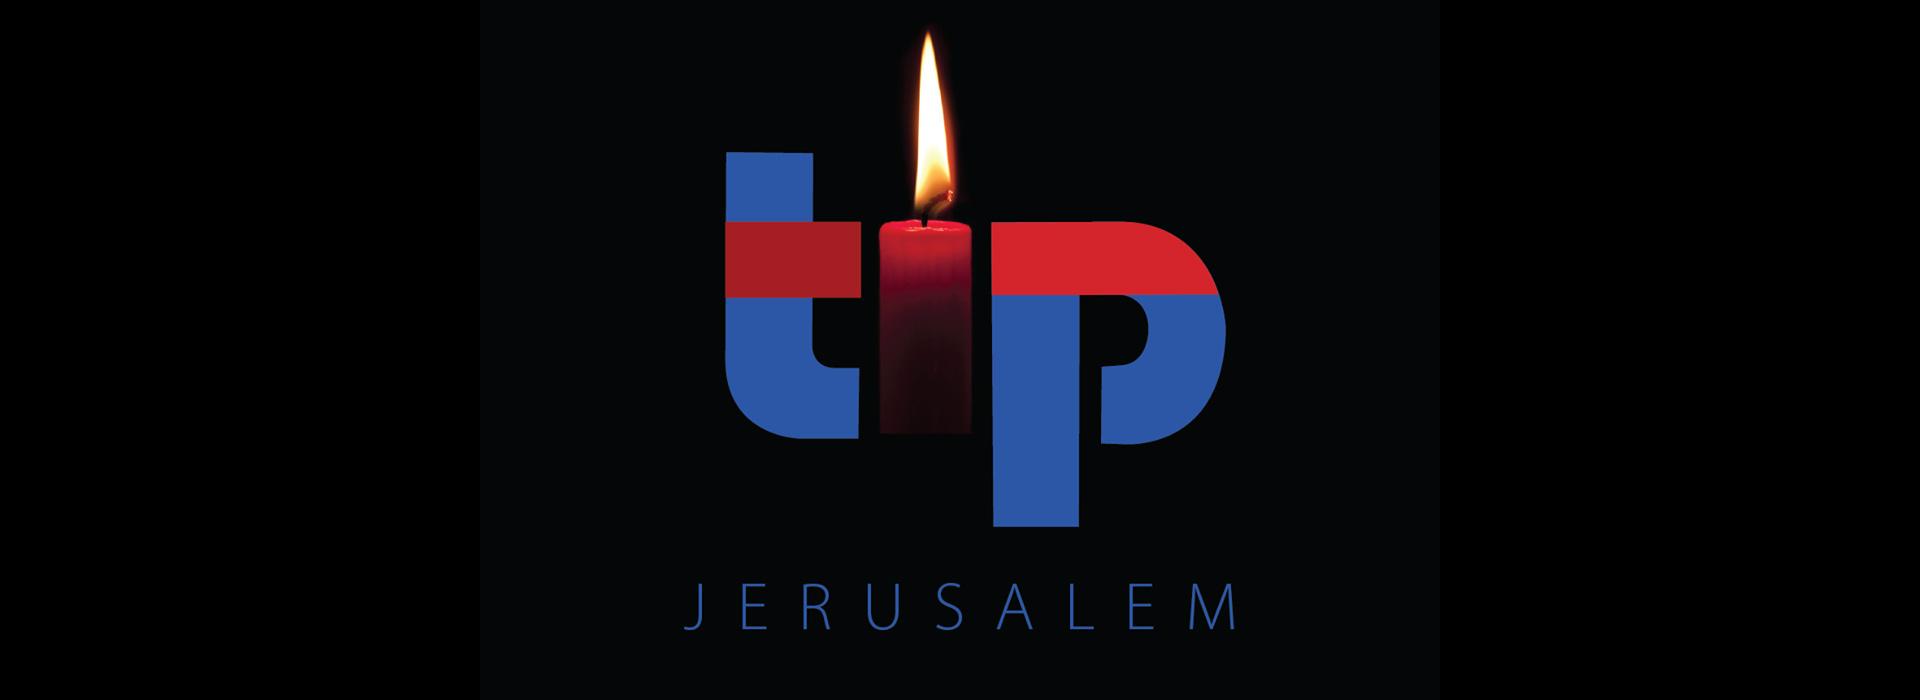 Jerusalem_terror_attack.jpg